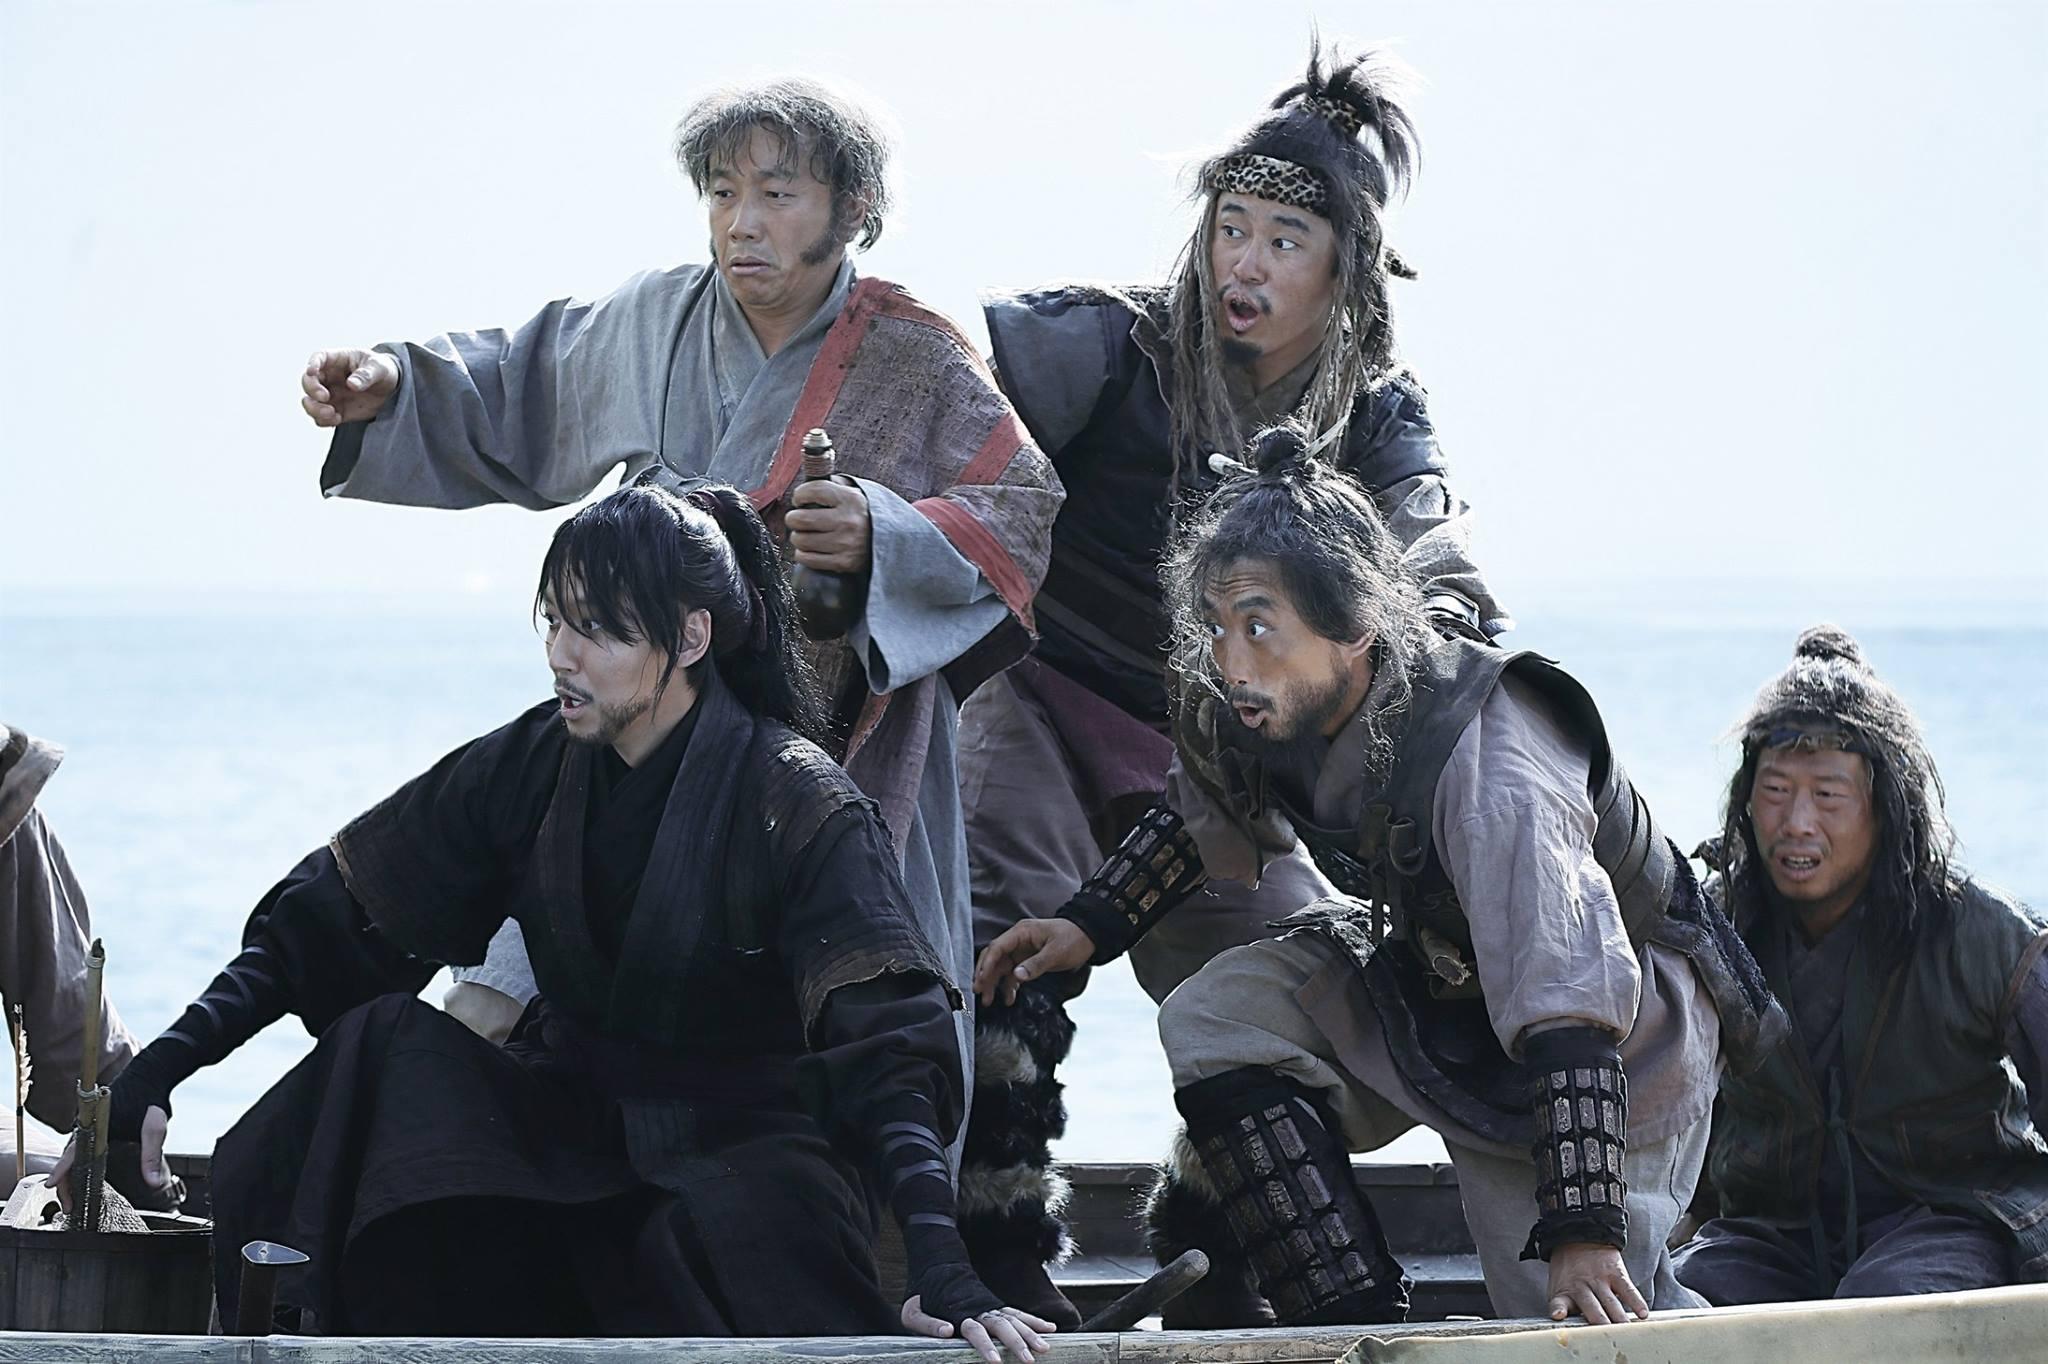 pirates-korean-movie-image-4.jpg